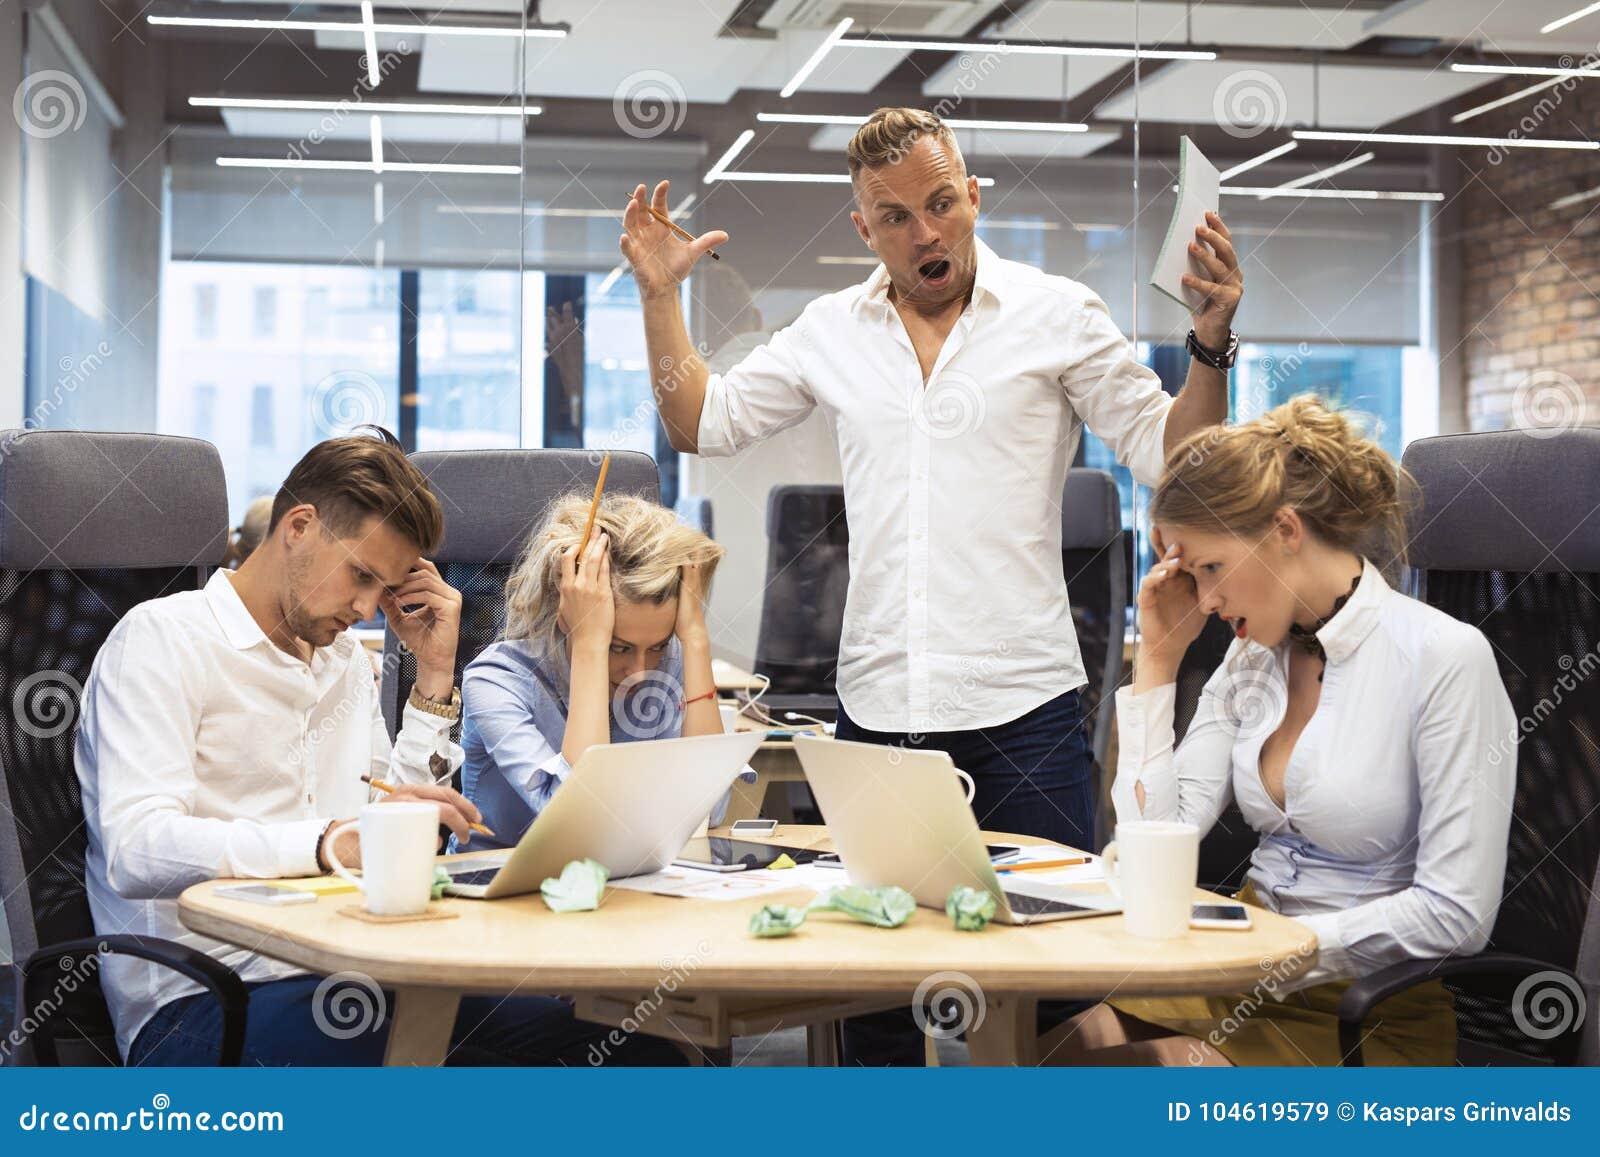 恼怒的上司叫喊对雇员